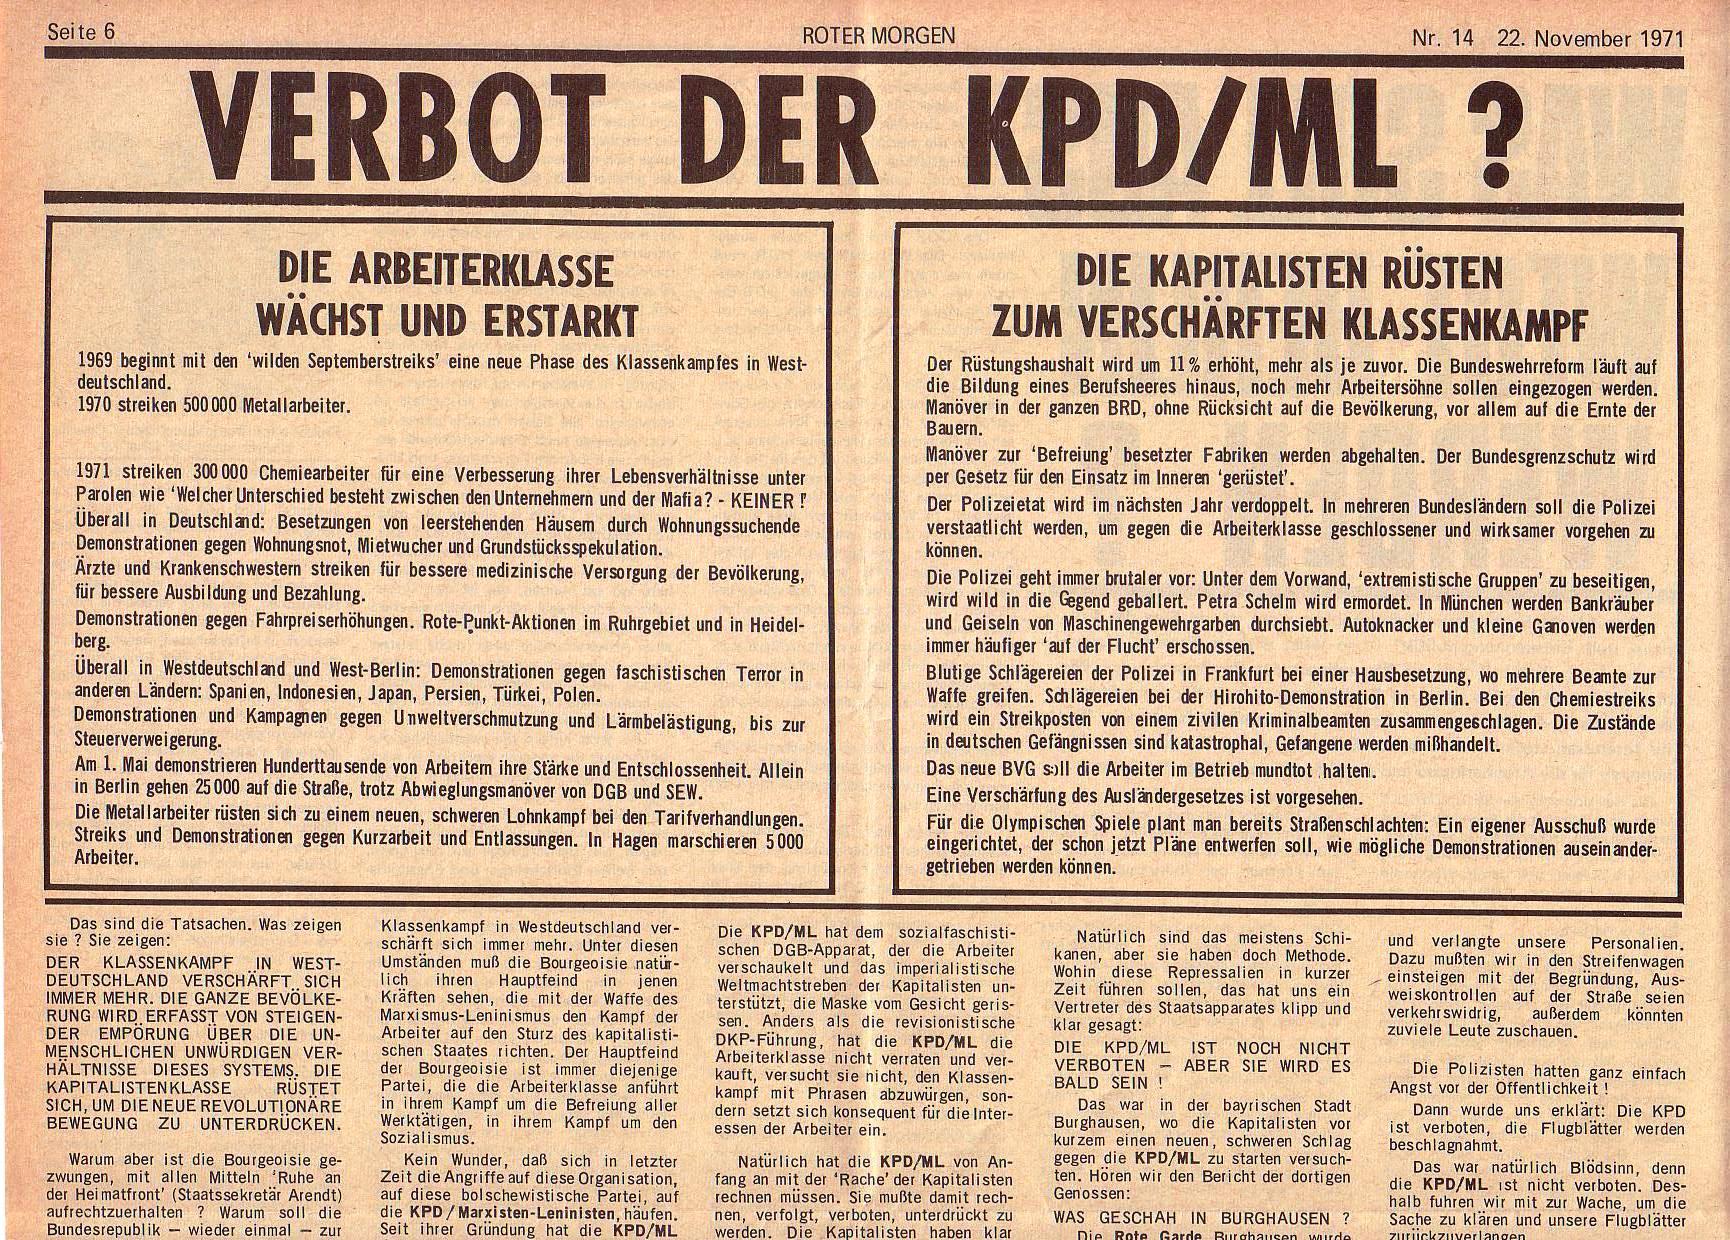 Roter Morgen, 5. Jg., 22. November 1971, Nr. 14, Seite 6a